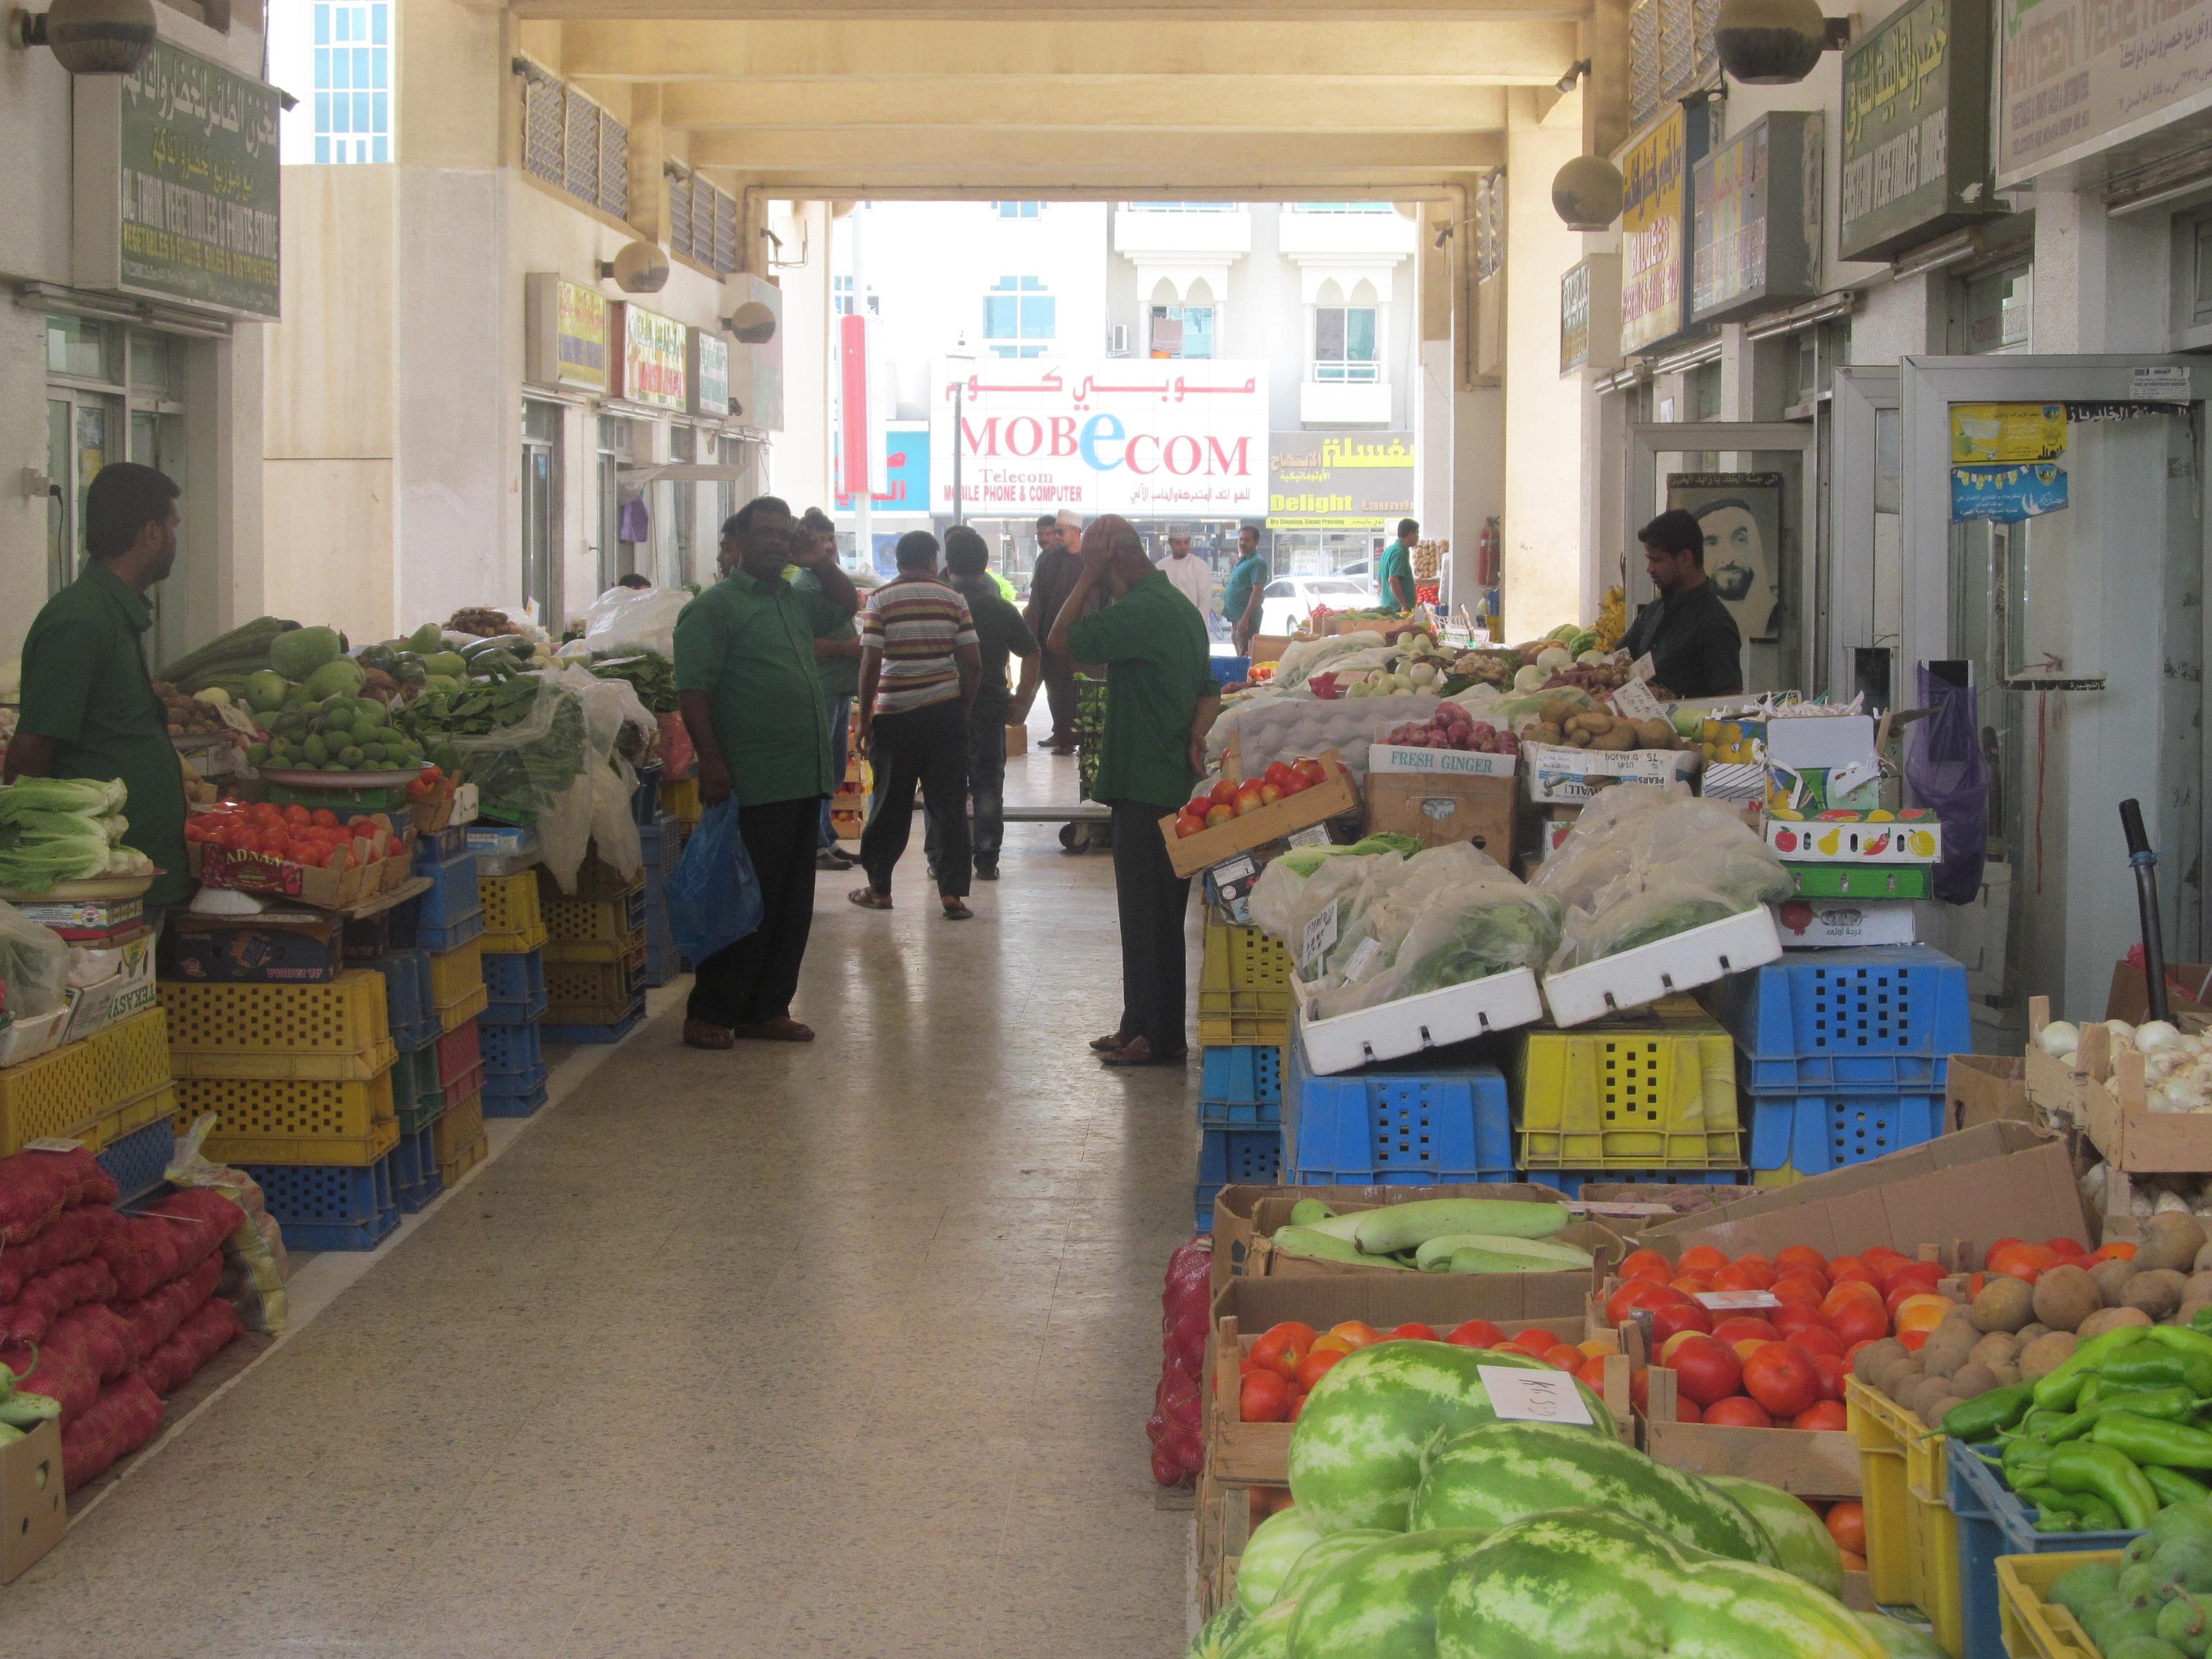 ارتفاع أسعار الفواكه  بنسبة 10 %  في الفجيرة قبل عيد الأضحى